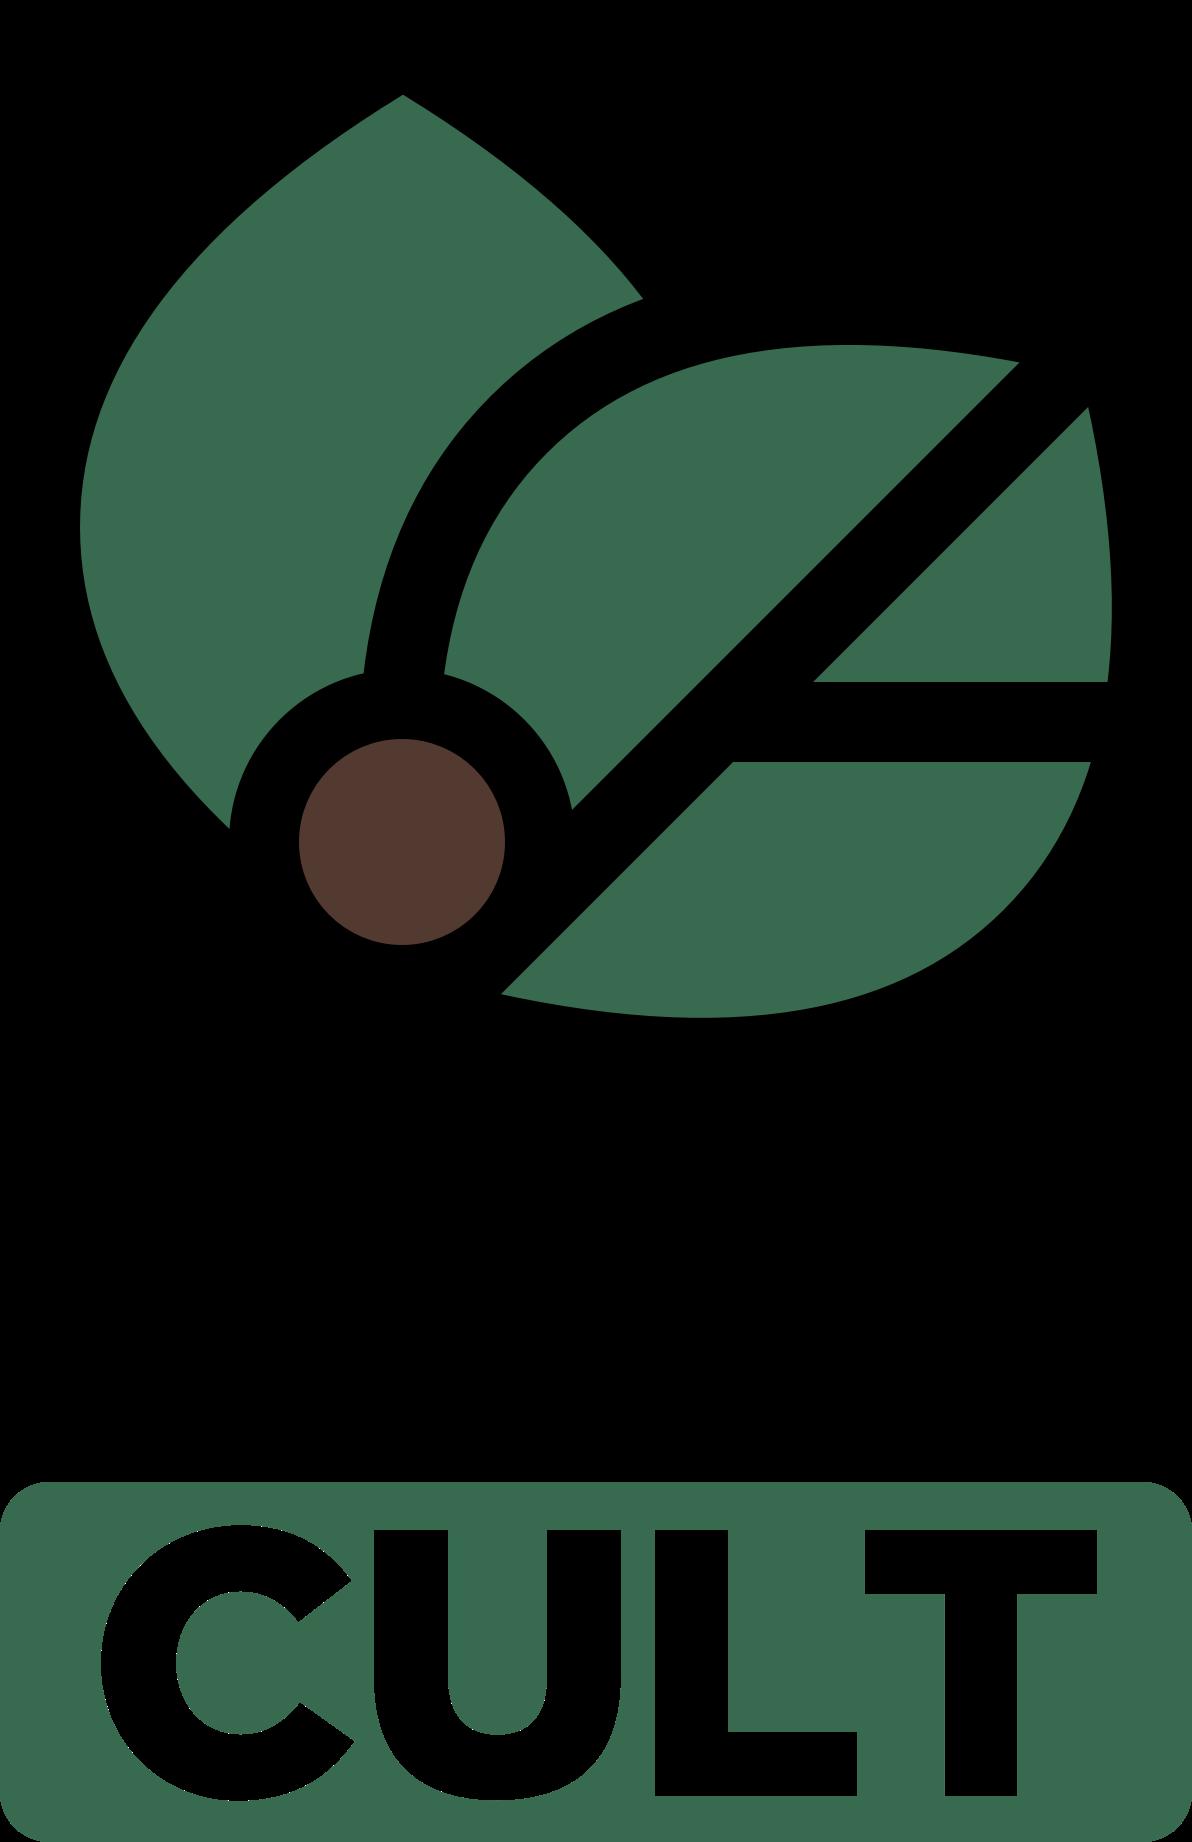 Логотип и фирменный стиль для компании COFFEE CULT фото f_7825bc49e8f4b34c.png